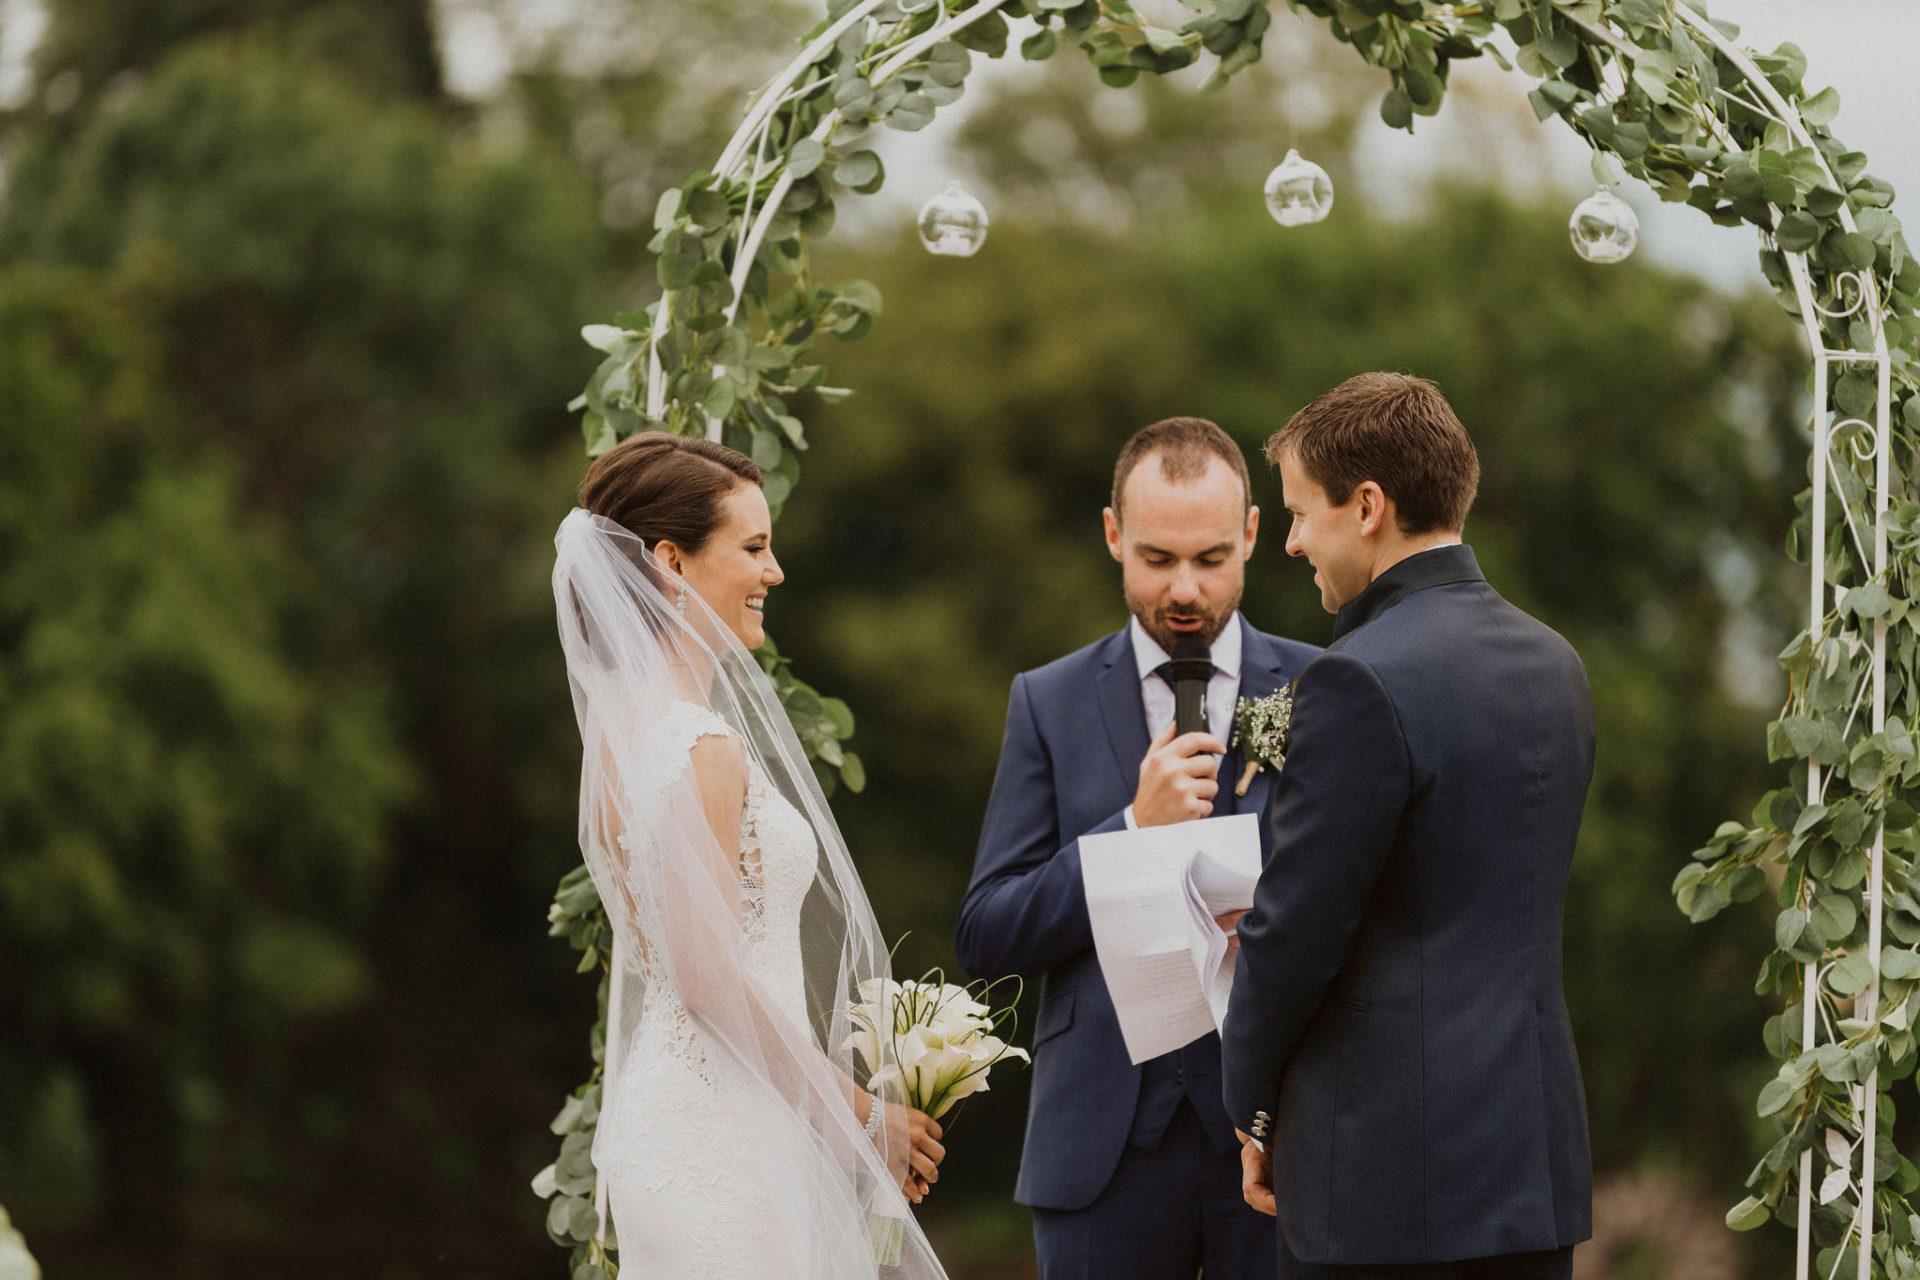 Veronique Gabrielle32 scaled - Quelle cérémonie choisir pour son mariage?